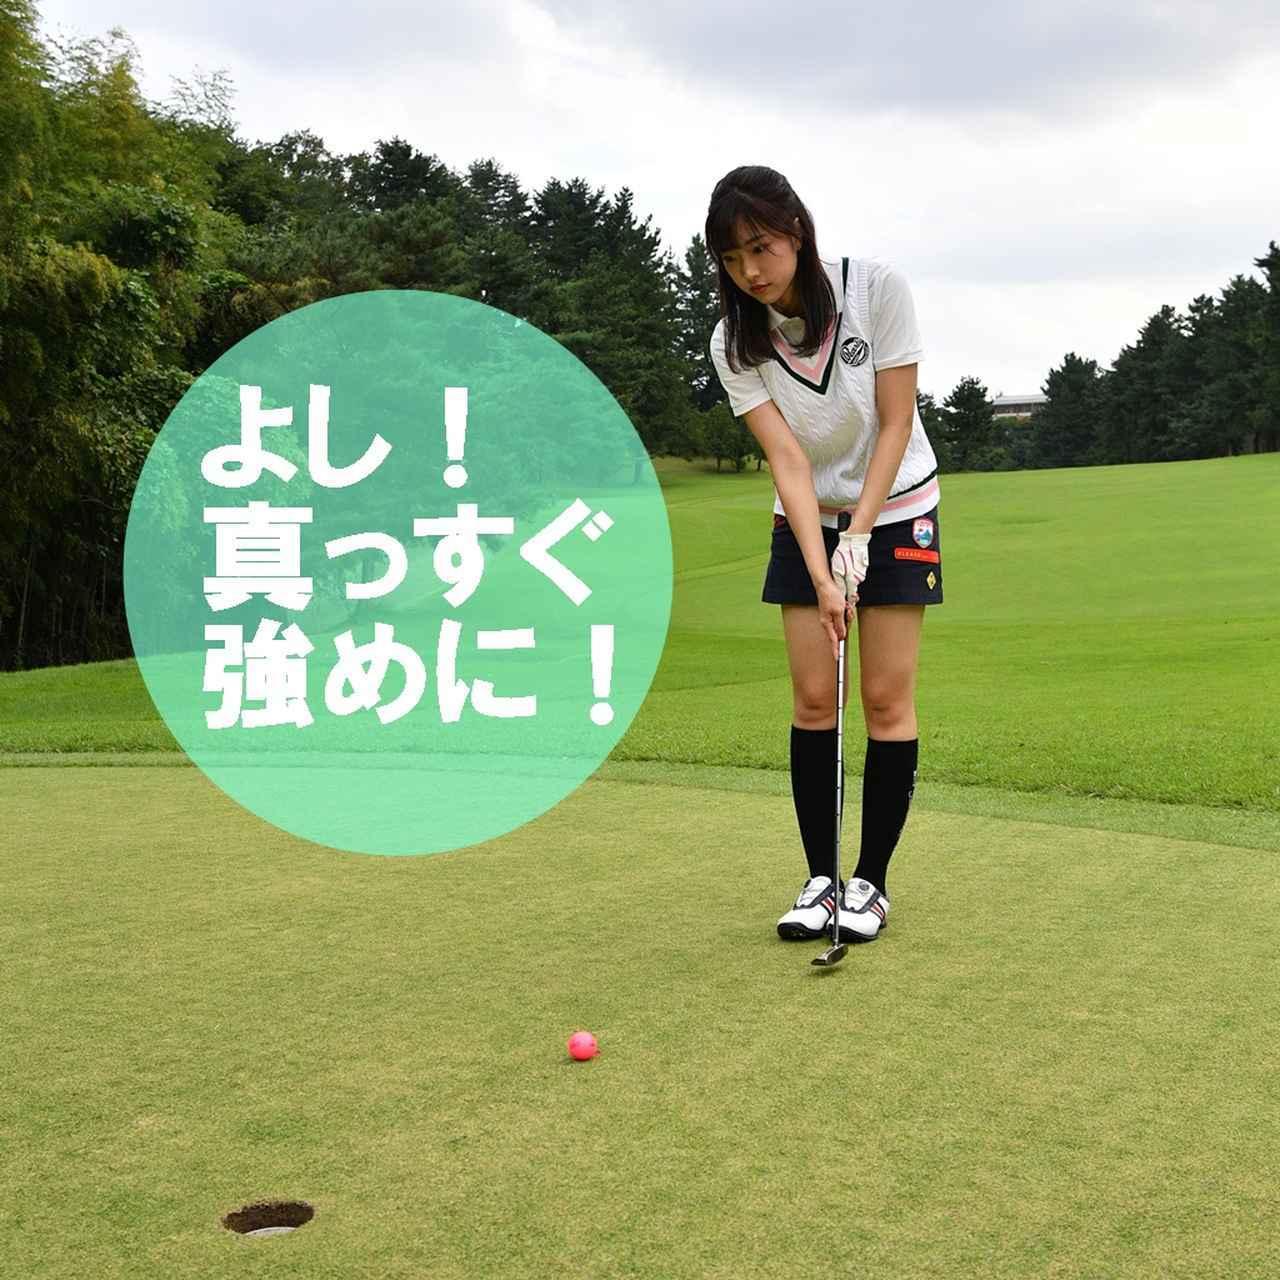 画像1: 【ルール】グリーン上でマーカーを拾う前に球が動いた!「そのまま打つ」「 元に戻す」どこから打つのが正しいの?